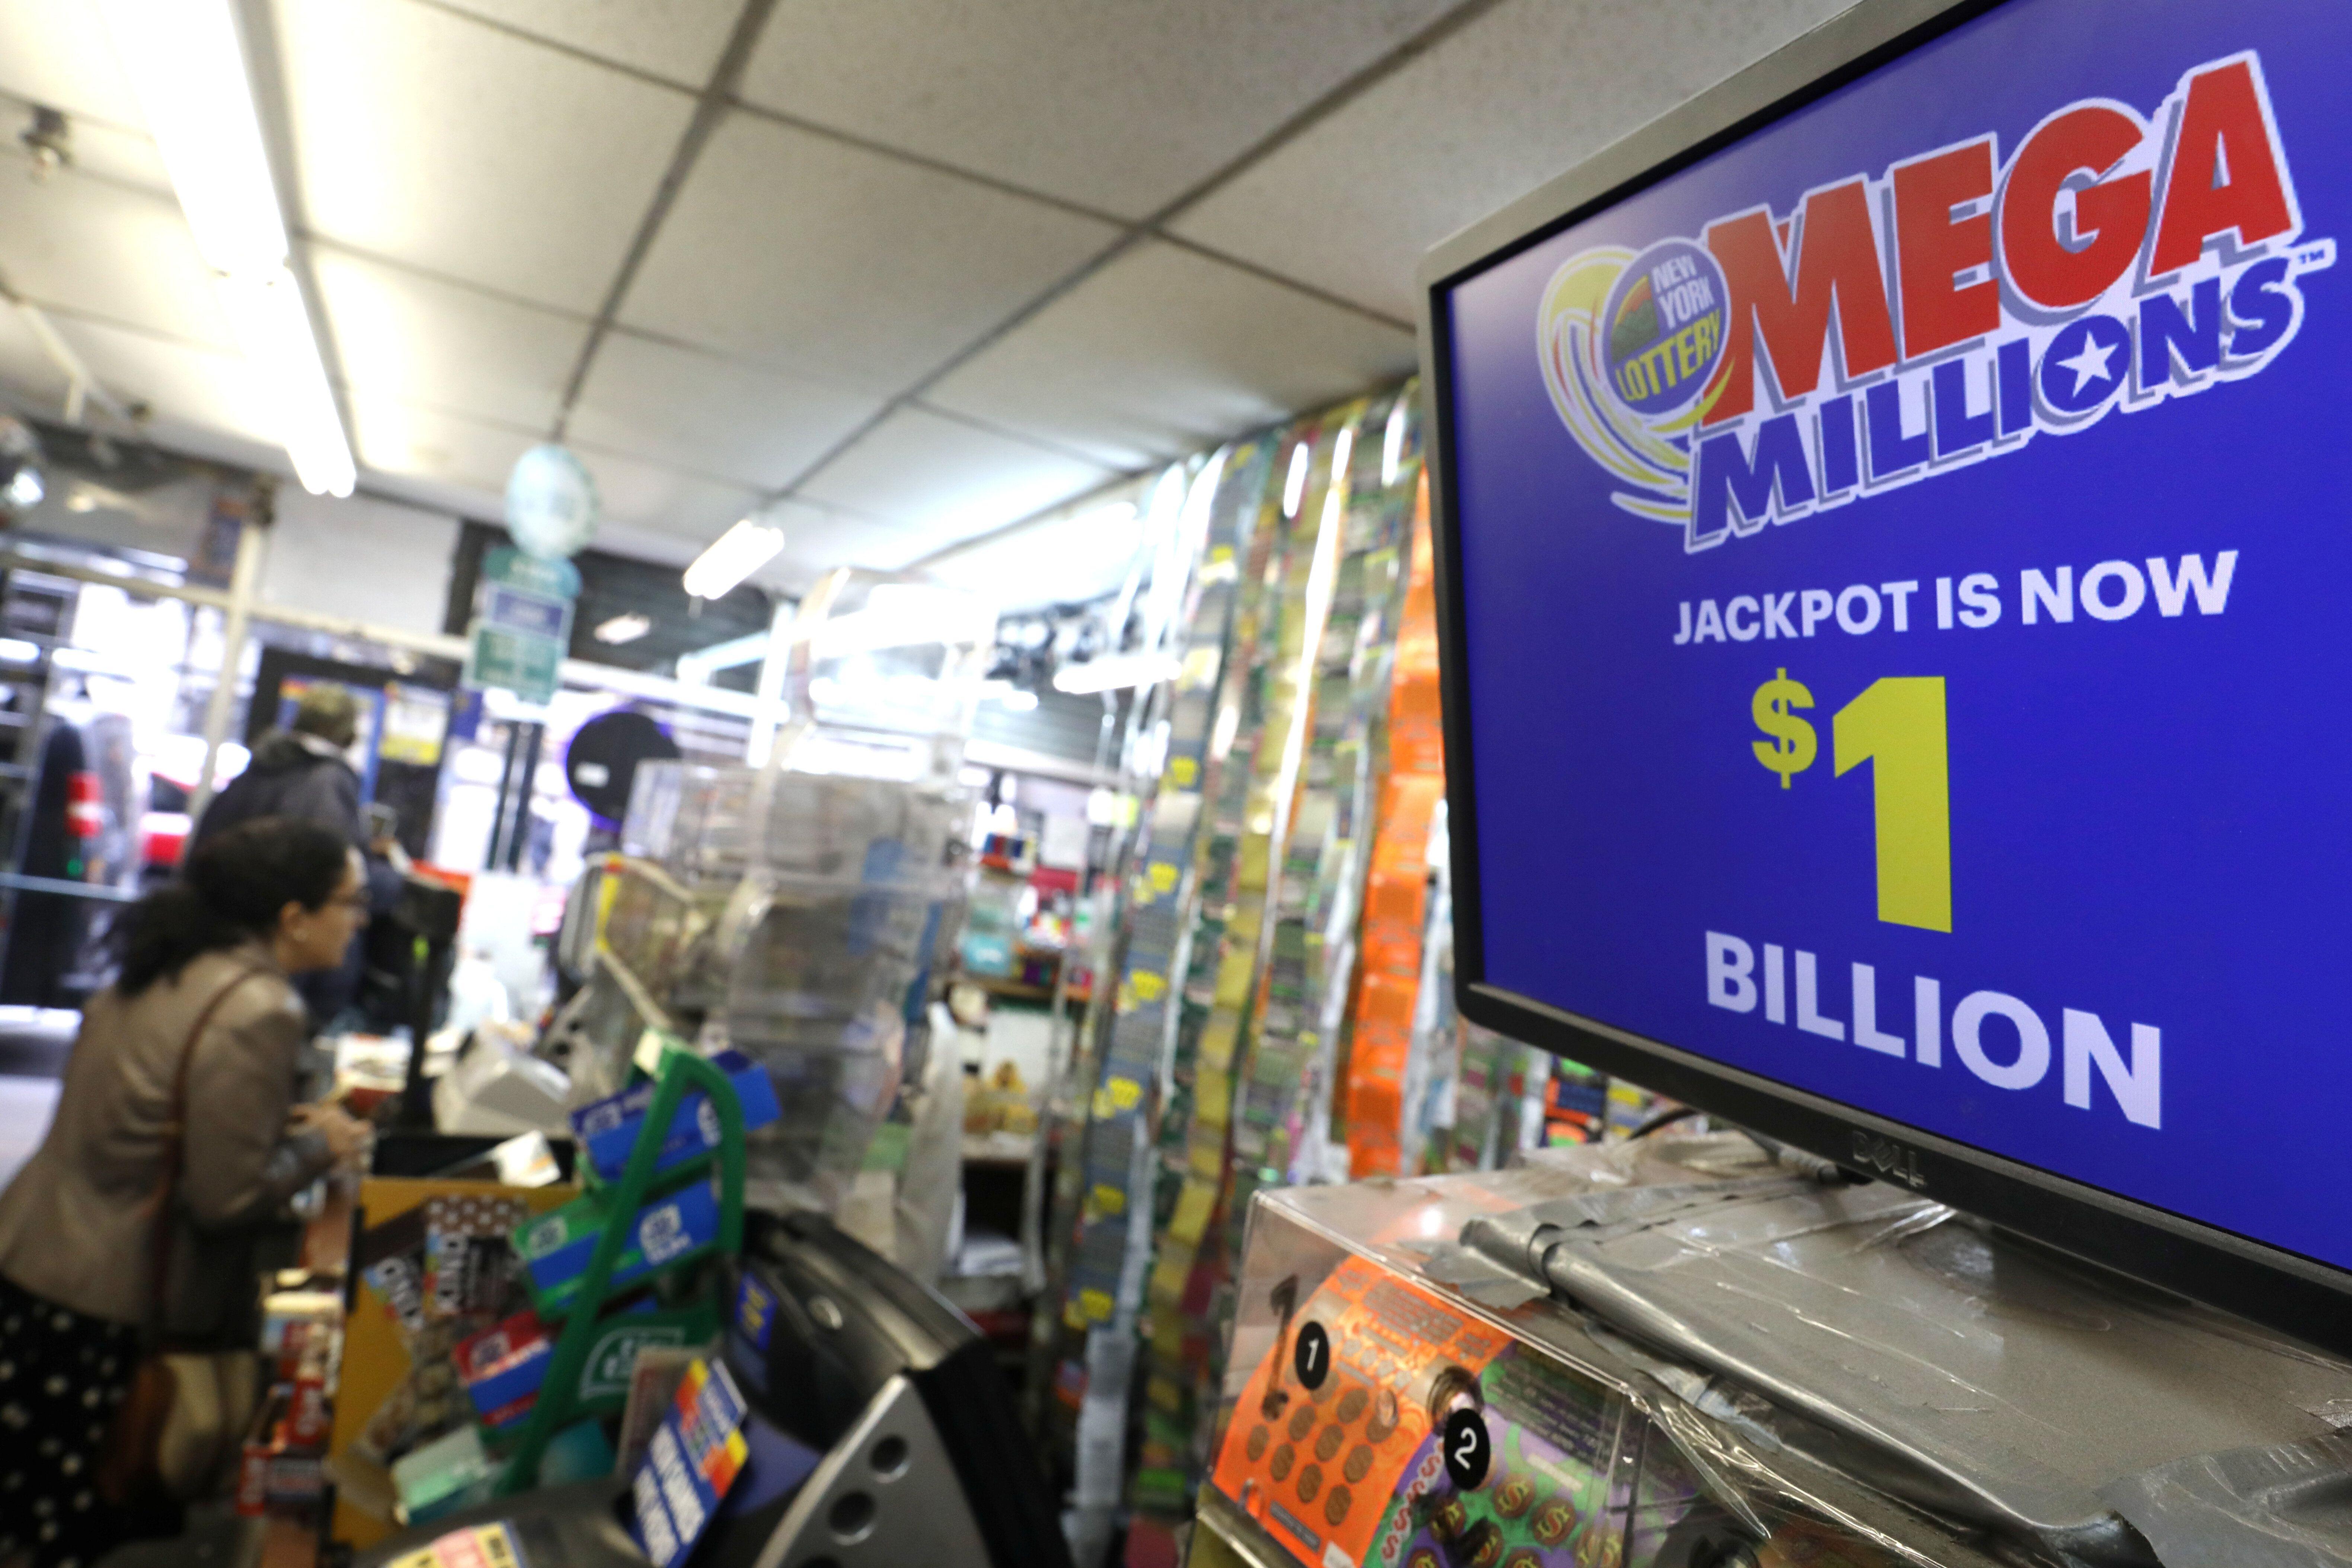 Ce vendredi 22 janvier, un habitant du Michigan a remporté le pactole d'un milliard de dollars...